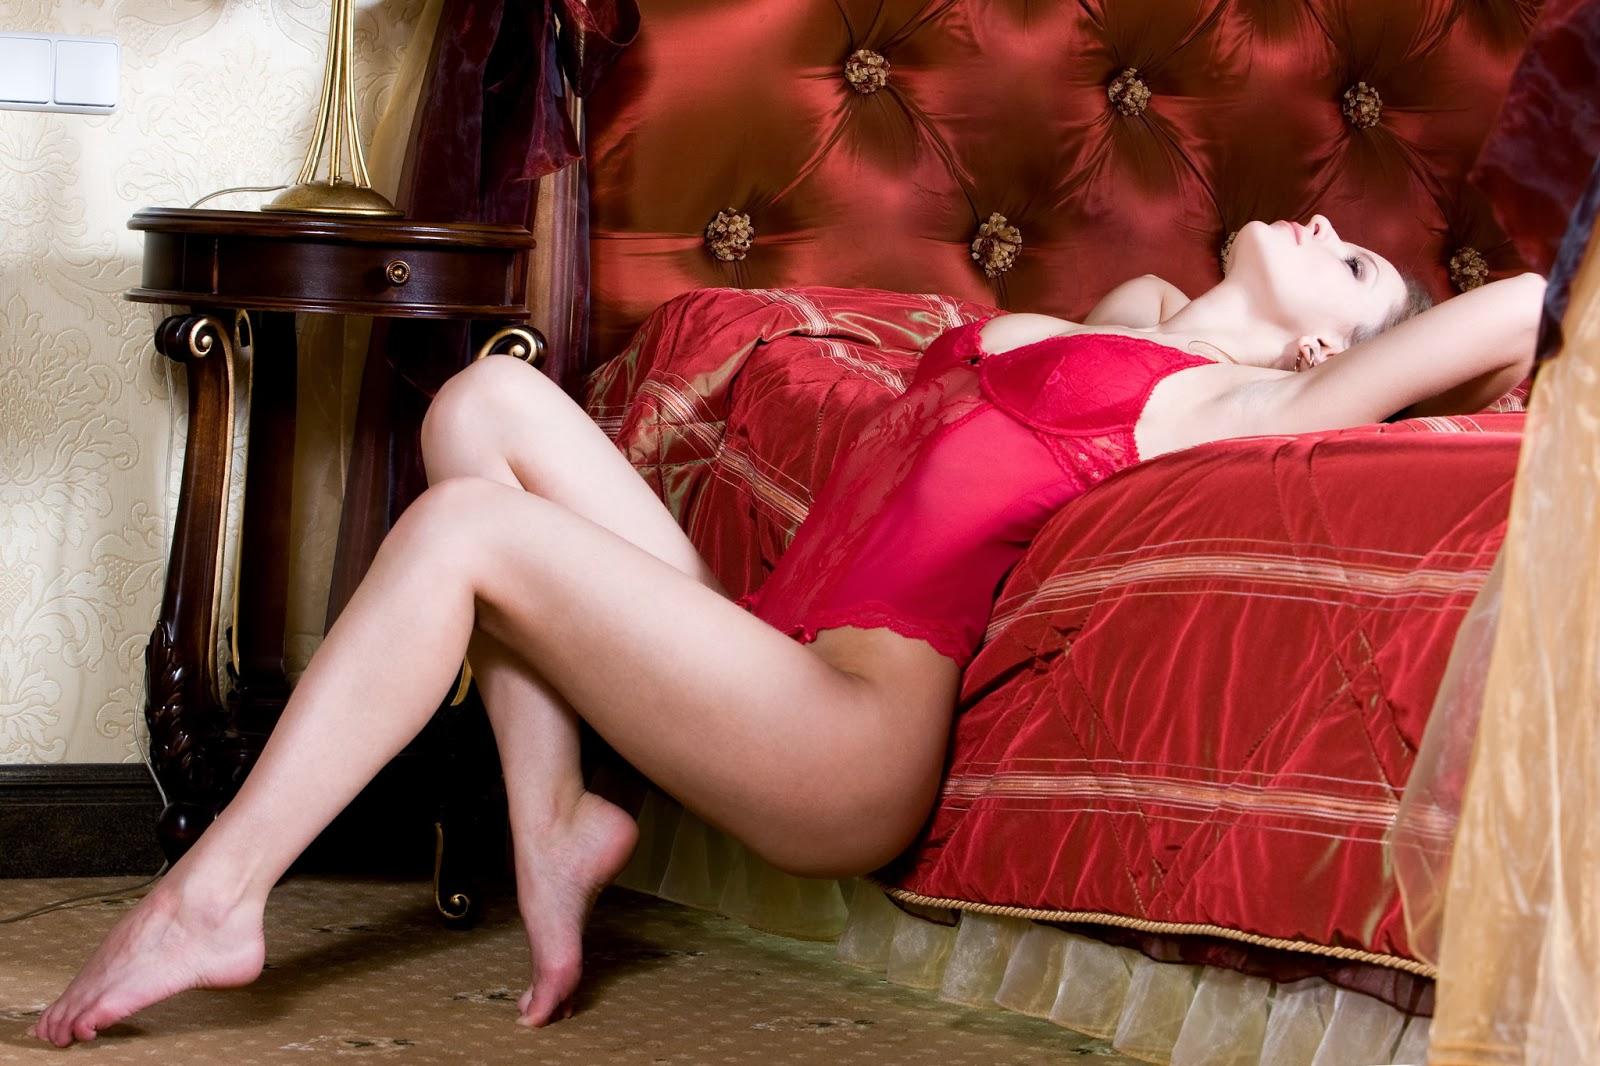 hotel escort service 123 viedeo